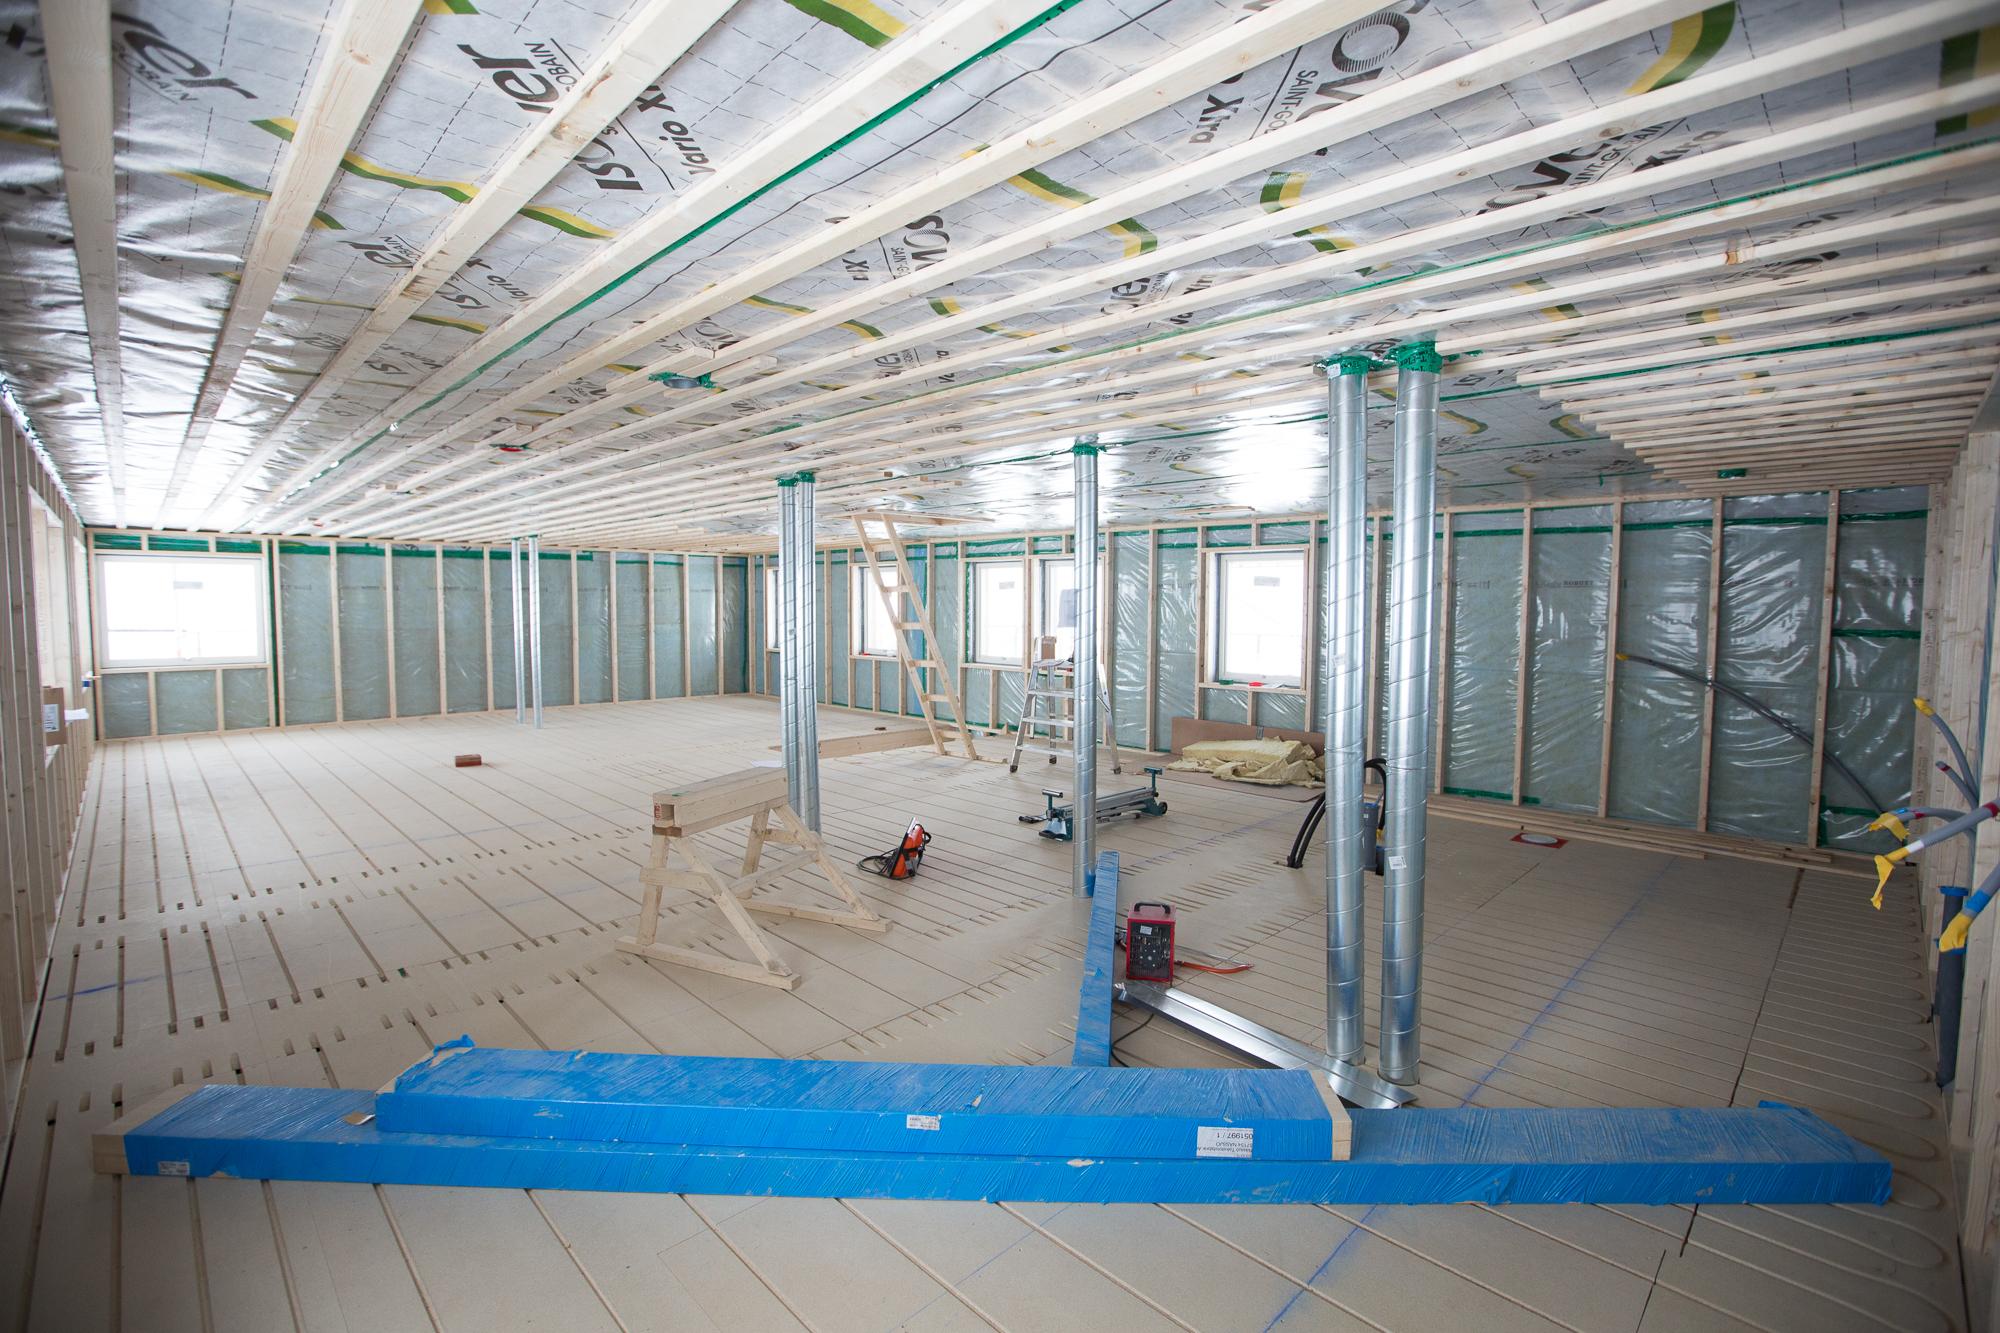 Huset är i princip tätt och snart är det dags för provtryckning. Ett tätt hus spar energi, så de 6000 kr det kostar känns som en vettig investering.